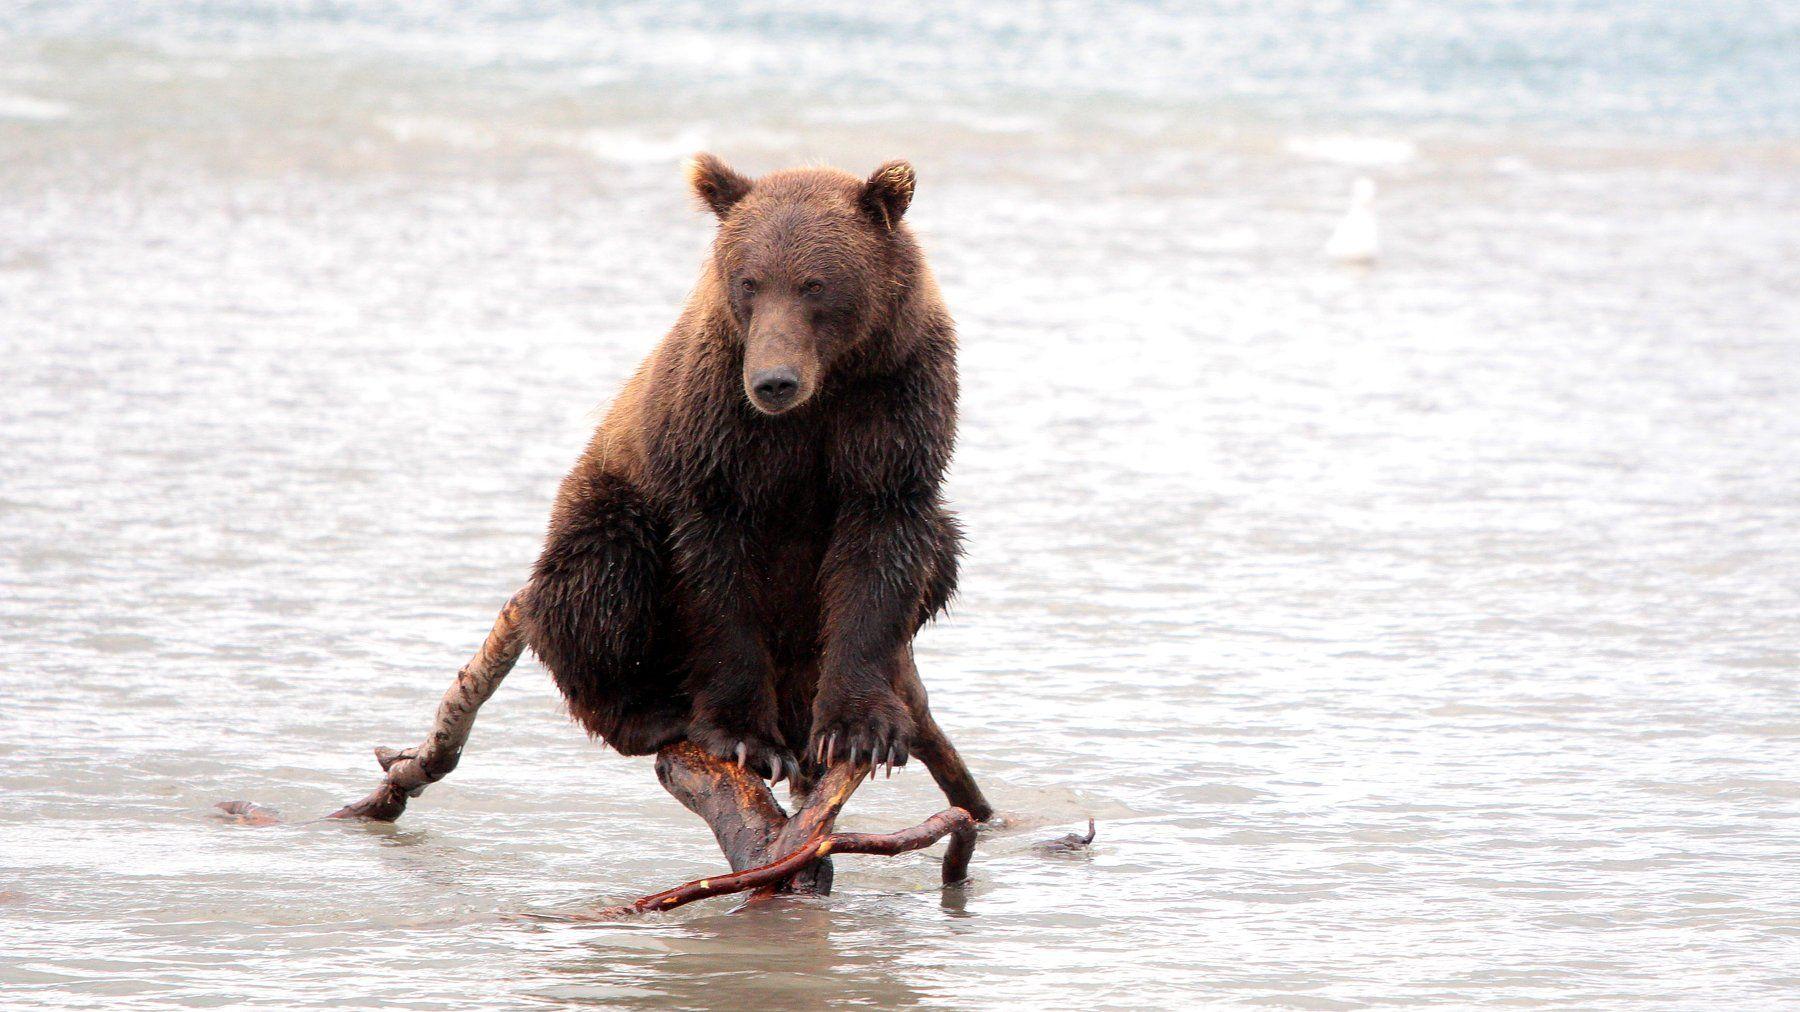 Медведь, камчатка, бурый медведь, курильское озеро, вода, дикая природа, , Картавцов Артем